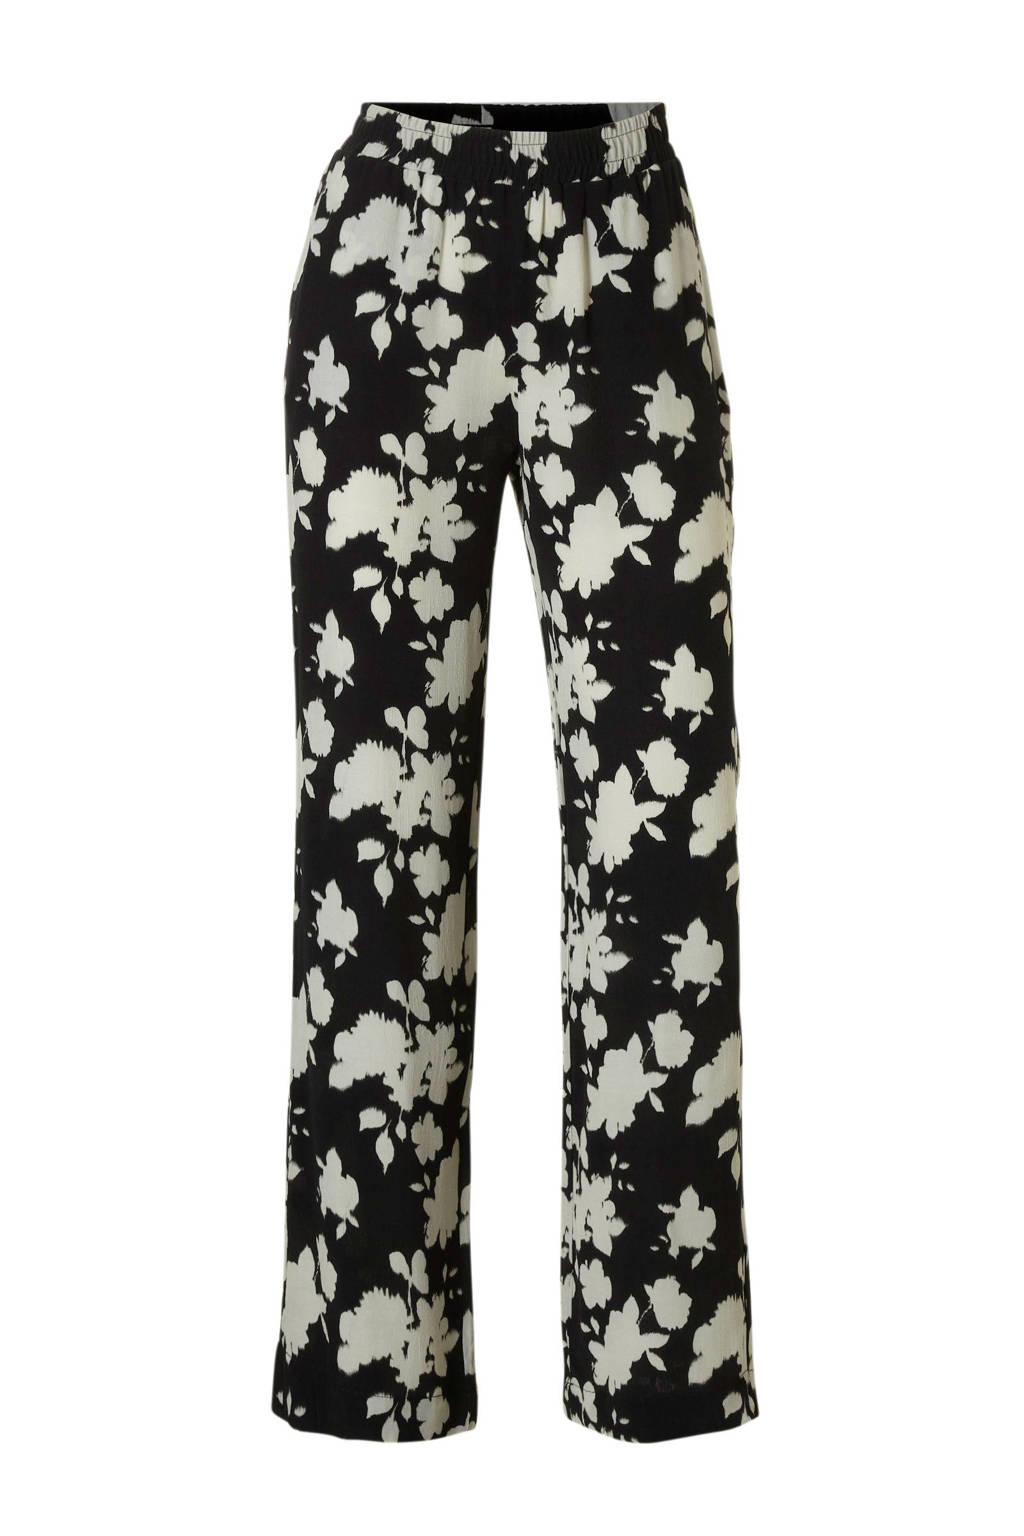 Catwalk Junkie gebloemde regular fit broek zwart/wit, Zwart/wit